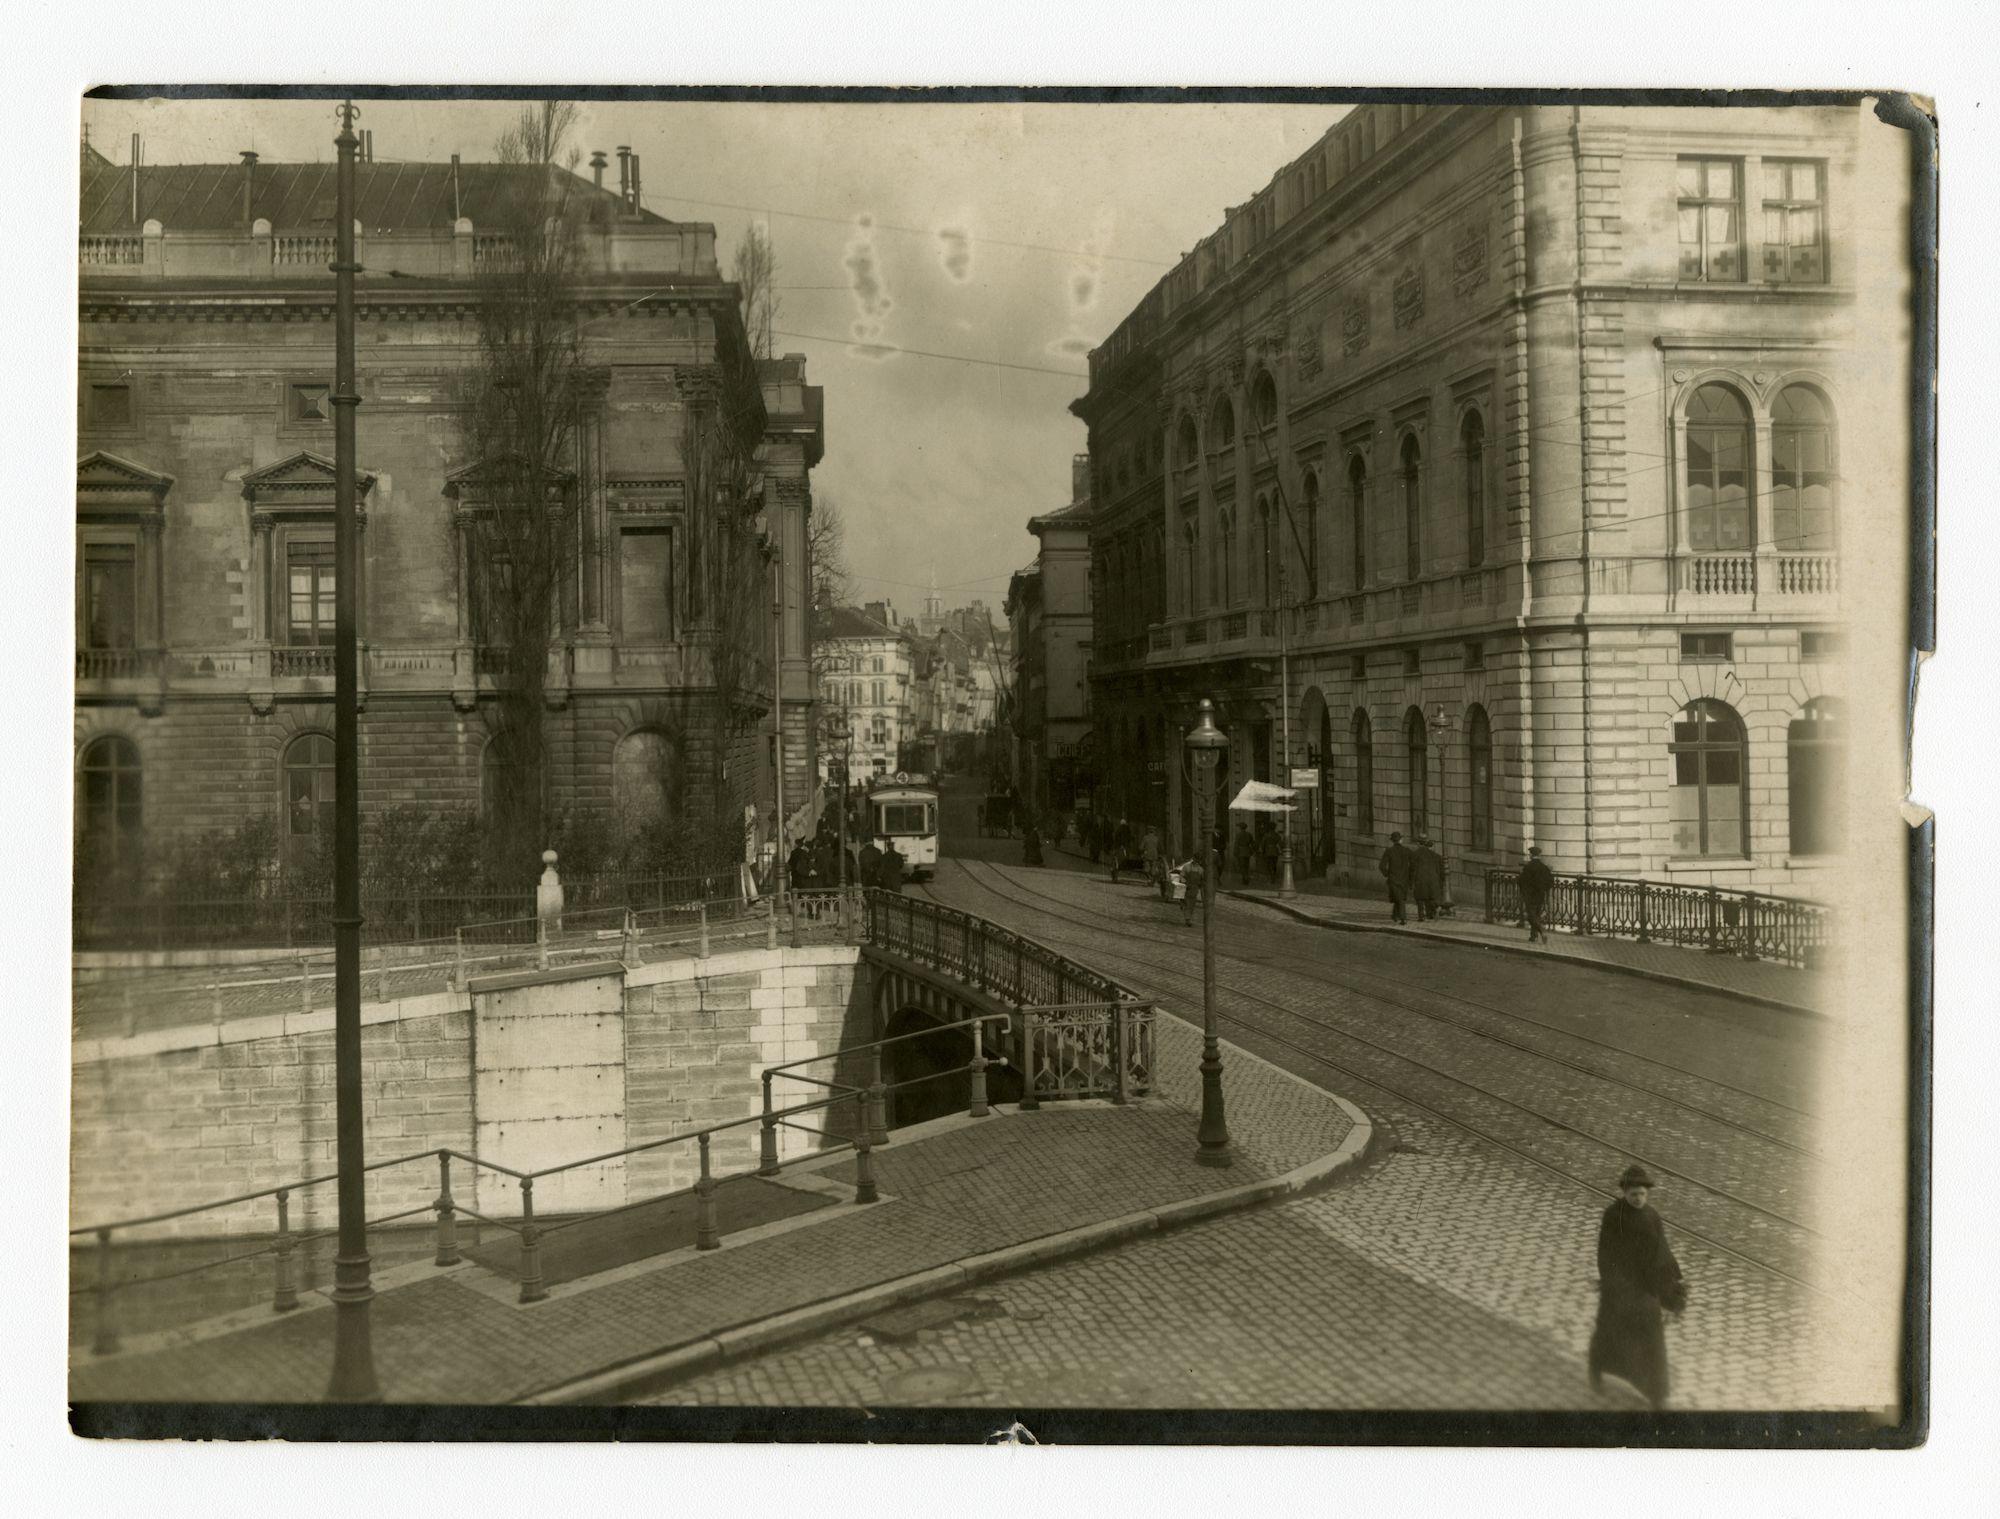 Gent: Ketelbrug en Koophandelsplein: Justitiepaleis (Etappen-Inspektion) en Nieuw Justitiepaleis (rechts), 1915-1916